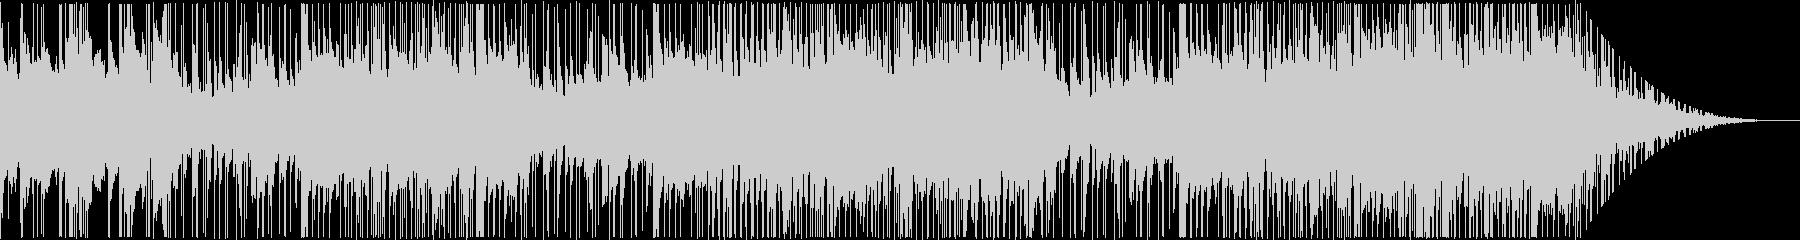 70年代風クラシックソウル系BGMの未再生の波形